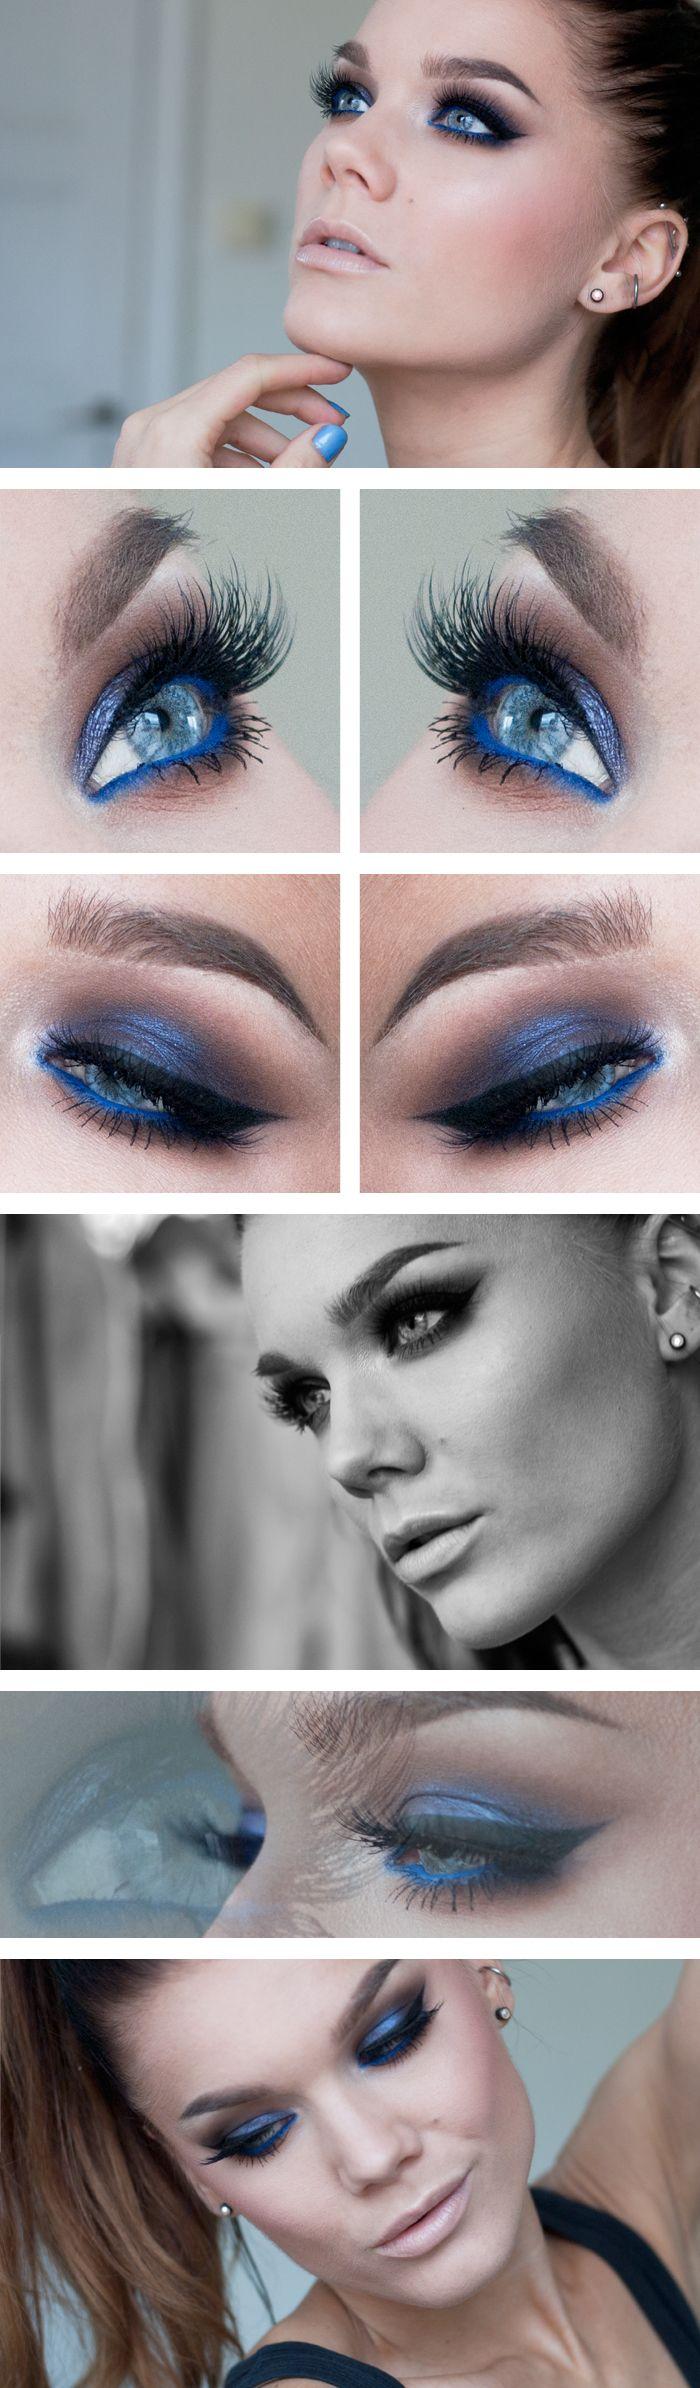 Mar, verano, color. Mayo 2015 #blue #azul #manicura #maquillaje #manicure #makeup #TinaJimenez #Mallorca #CentrodeEstetica